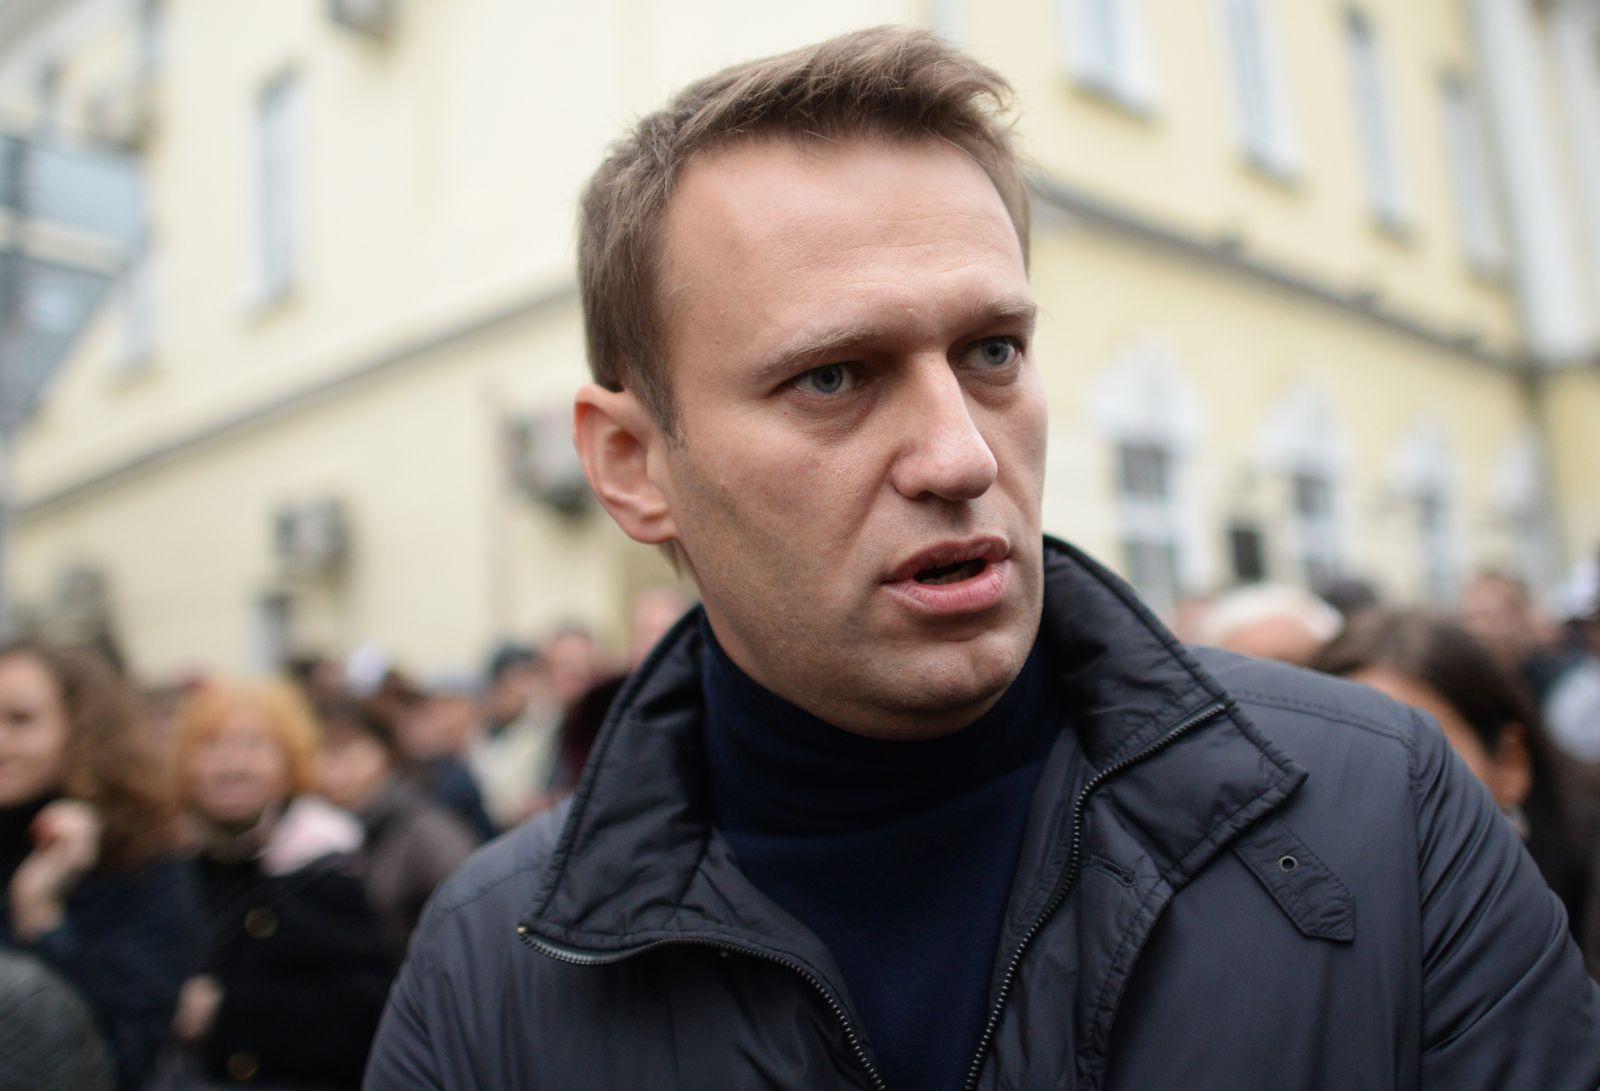 Navalnı uddu: Rusiya təzminat ödəyəcək – Məbləğ